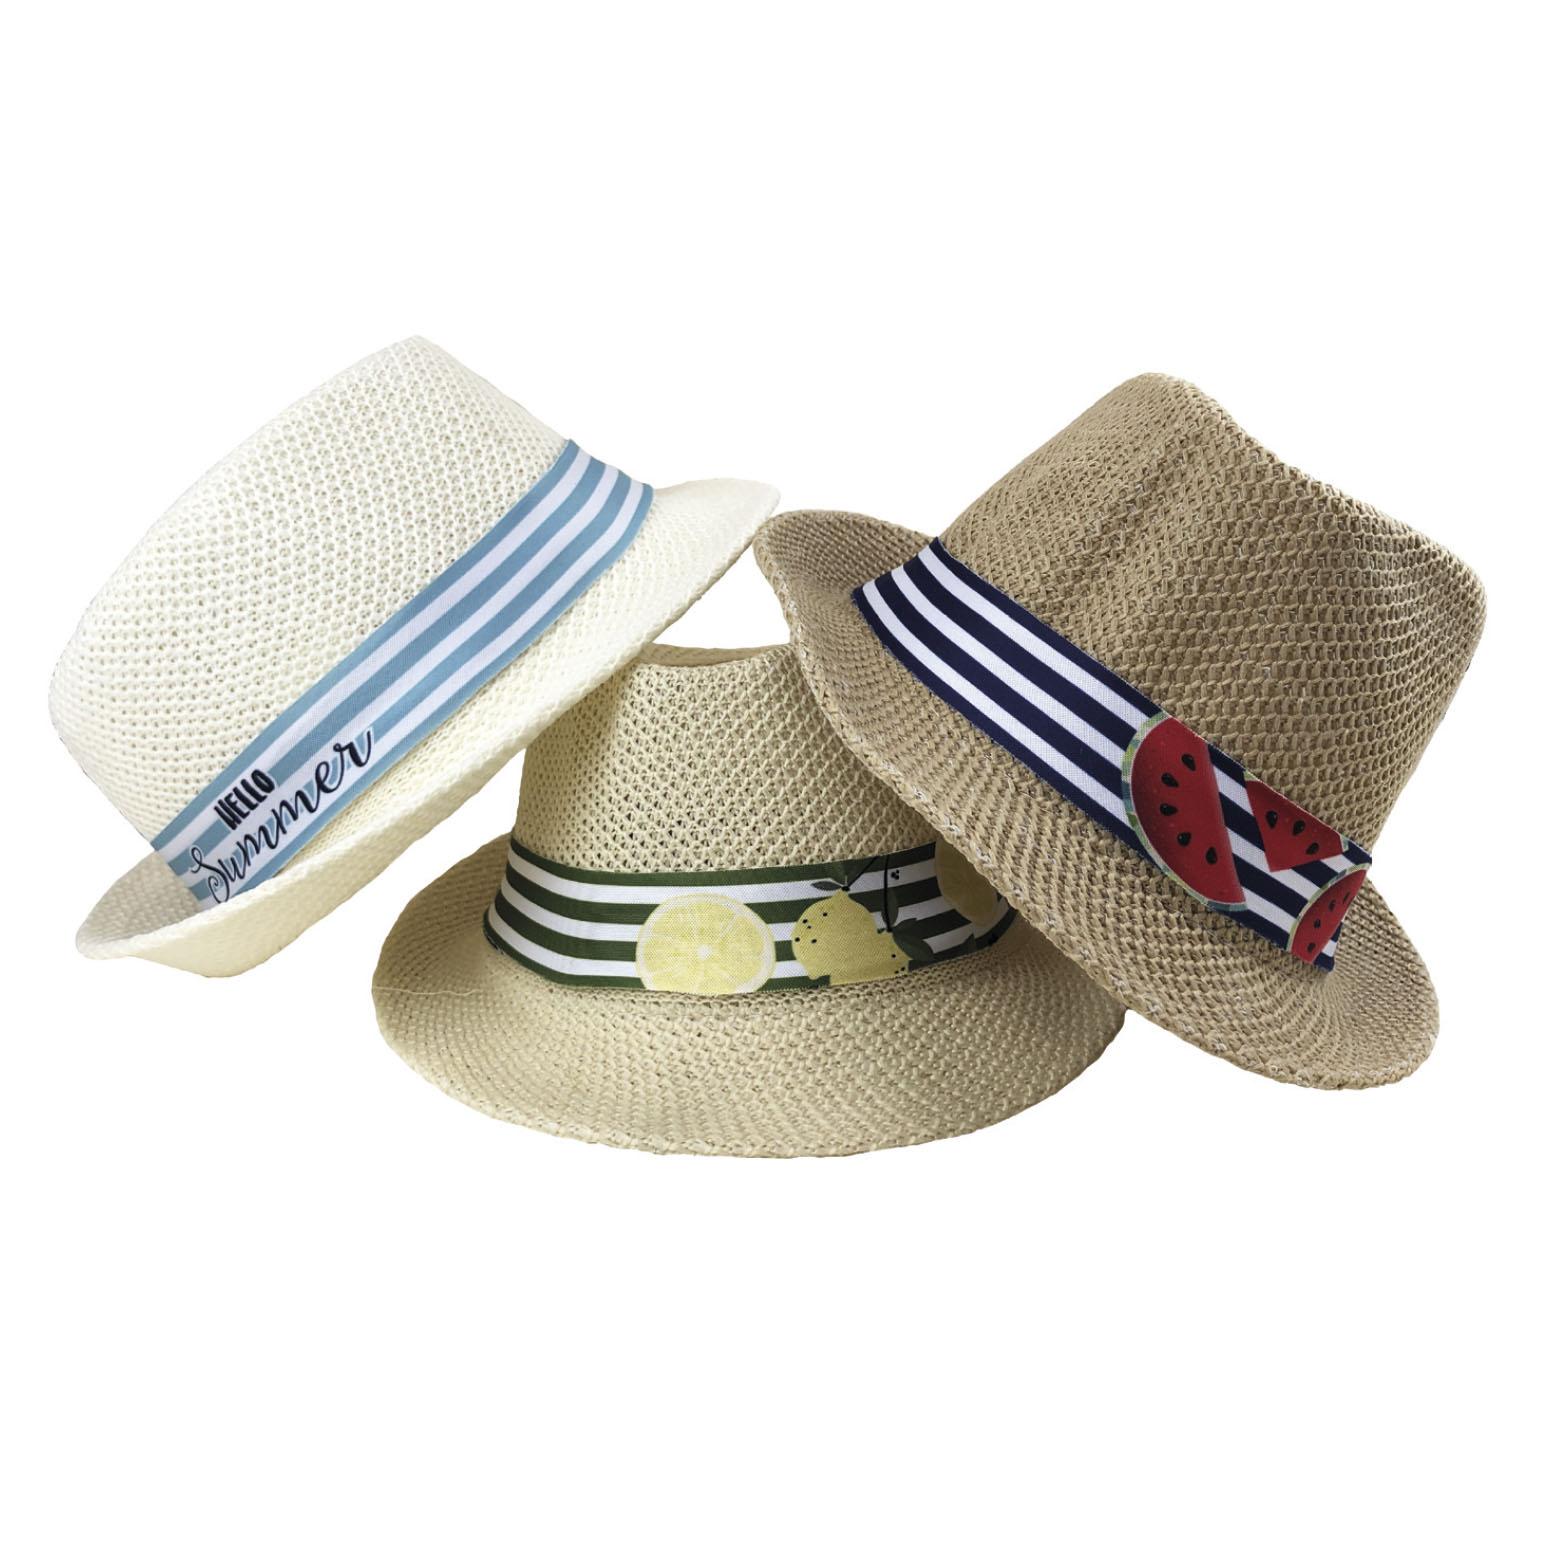 Chapeau personnalisable avec logo d'entreprise by Mavip